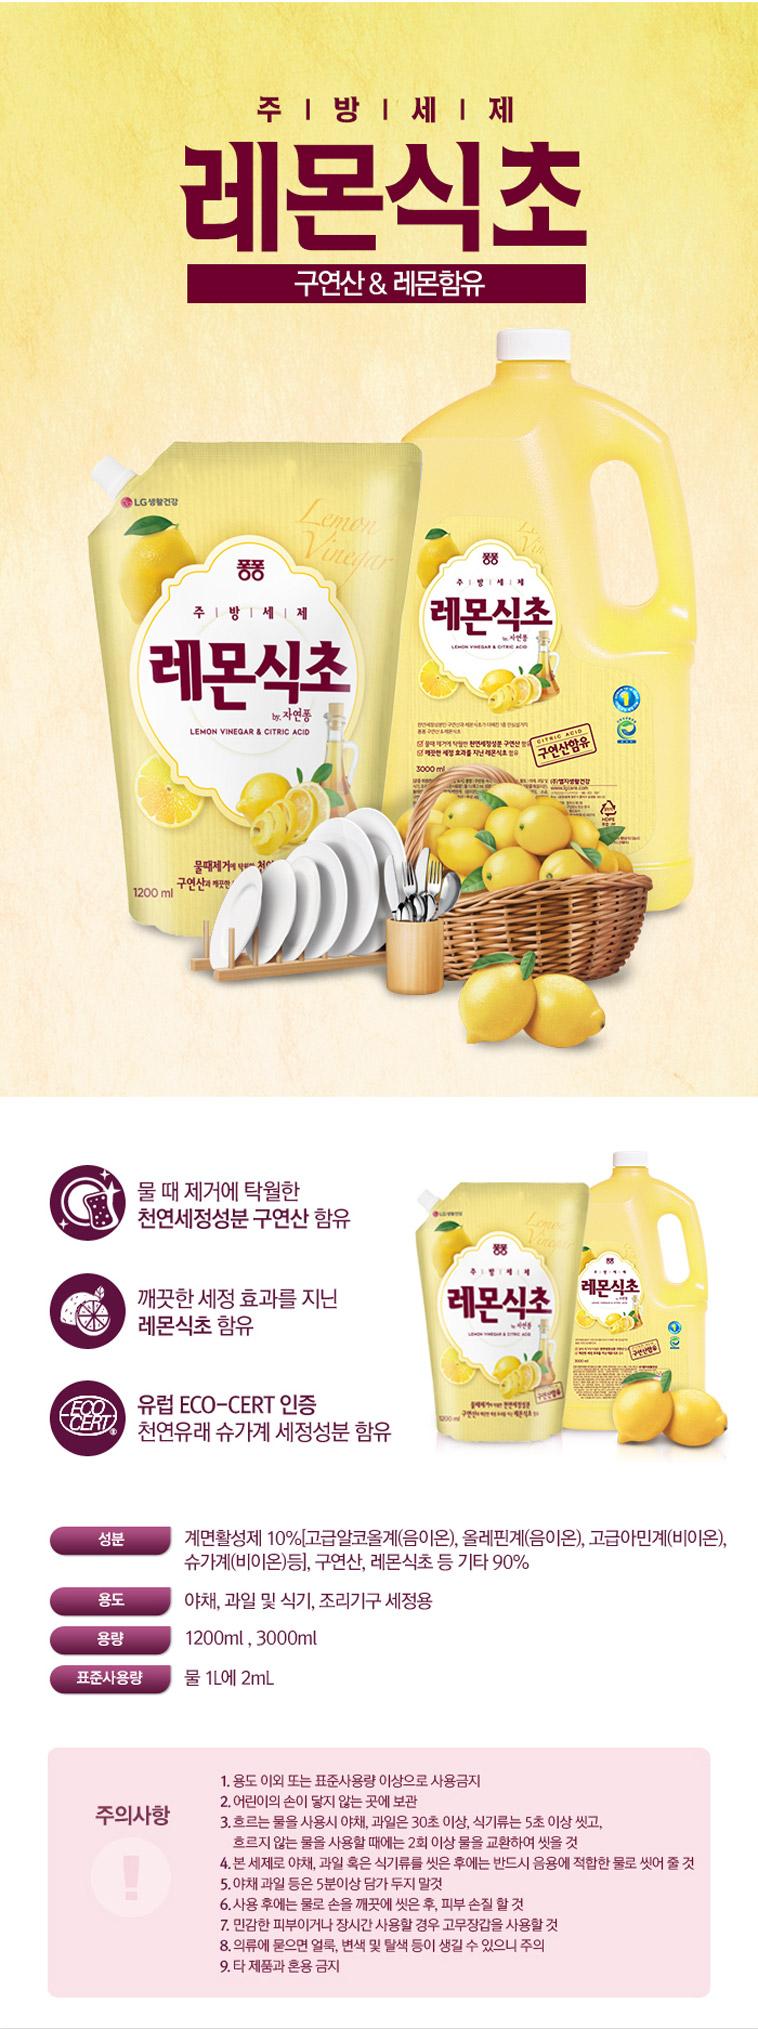 [스타쿠폰] LG 퐁퐁 주방세제 - 상세정보